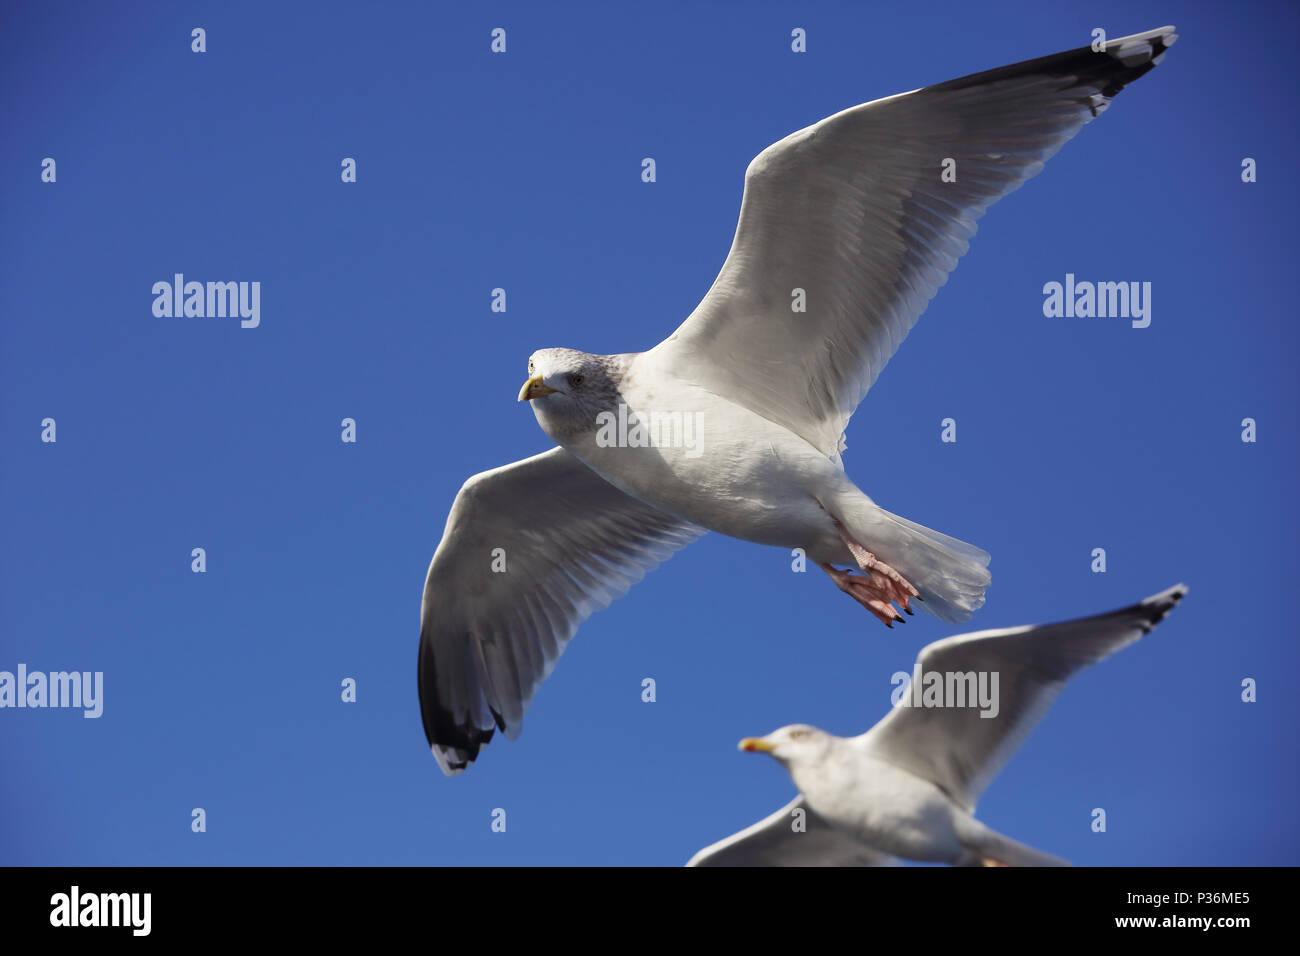 Wismar, Germany, Silbermoewen in flight - Stock Image